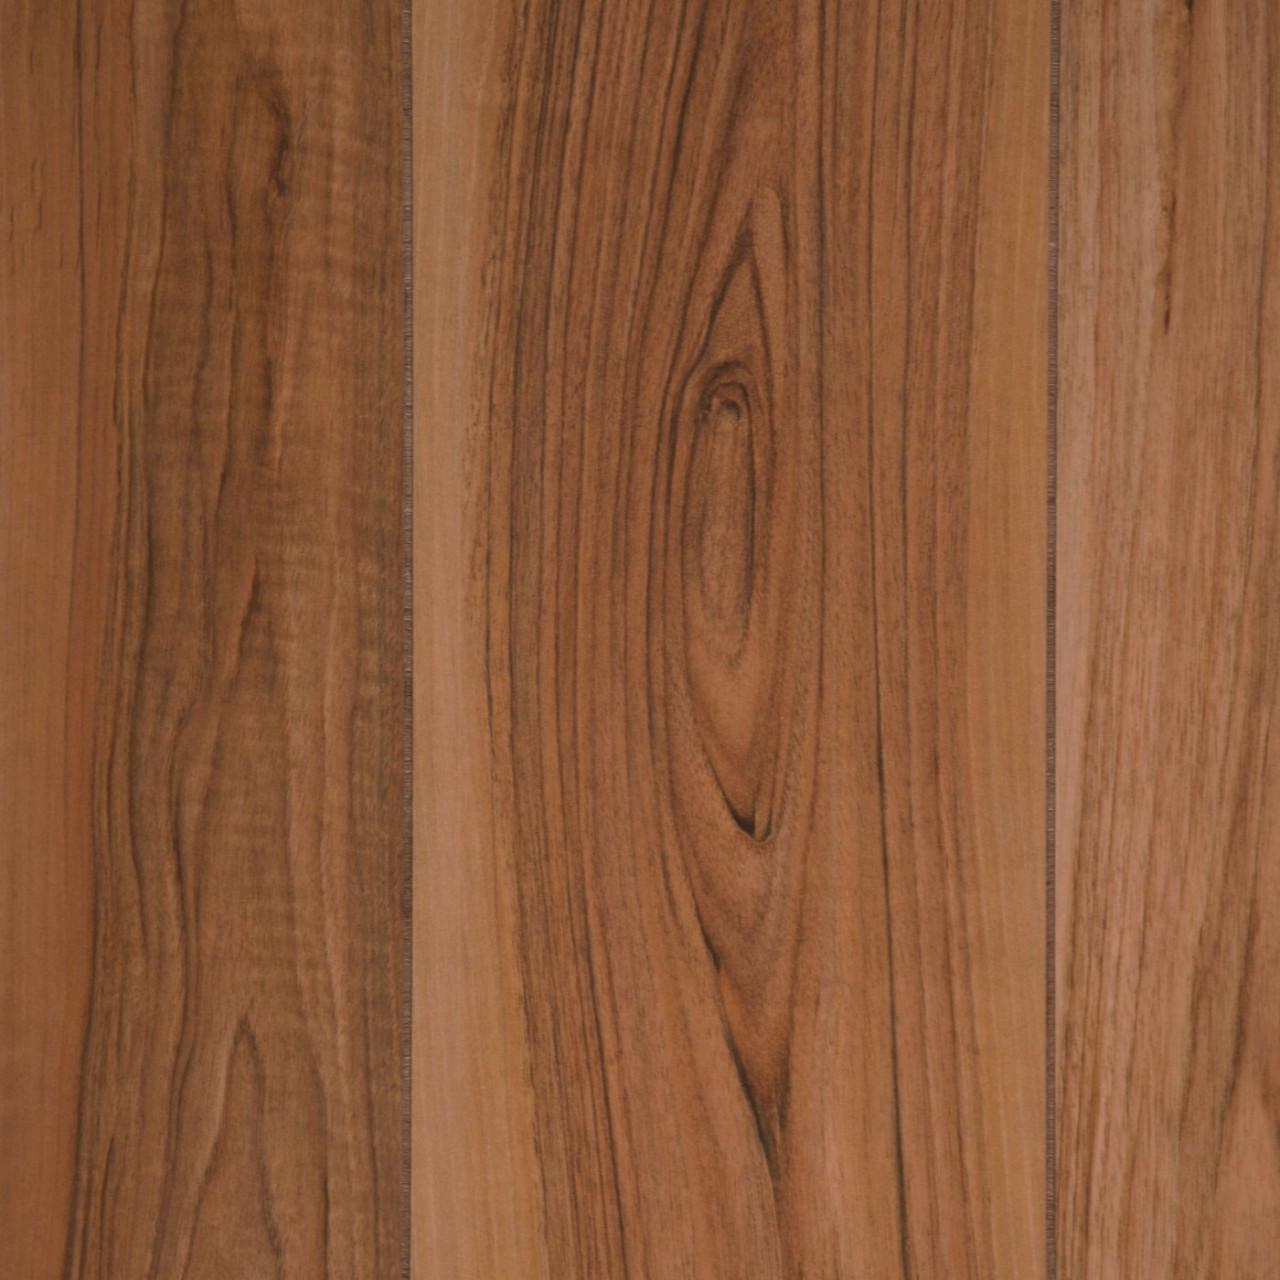 Walnut Veneer Sheets Walnut Veneered Plywood Sheets